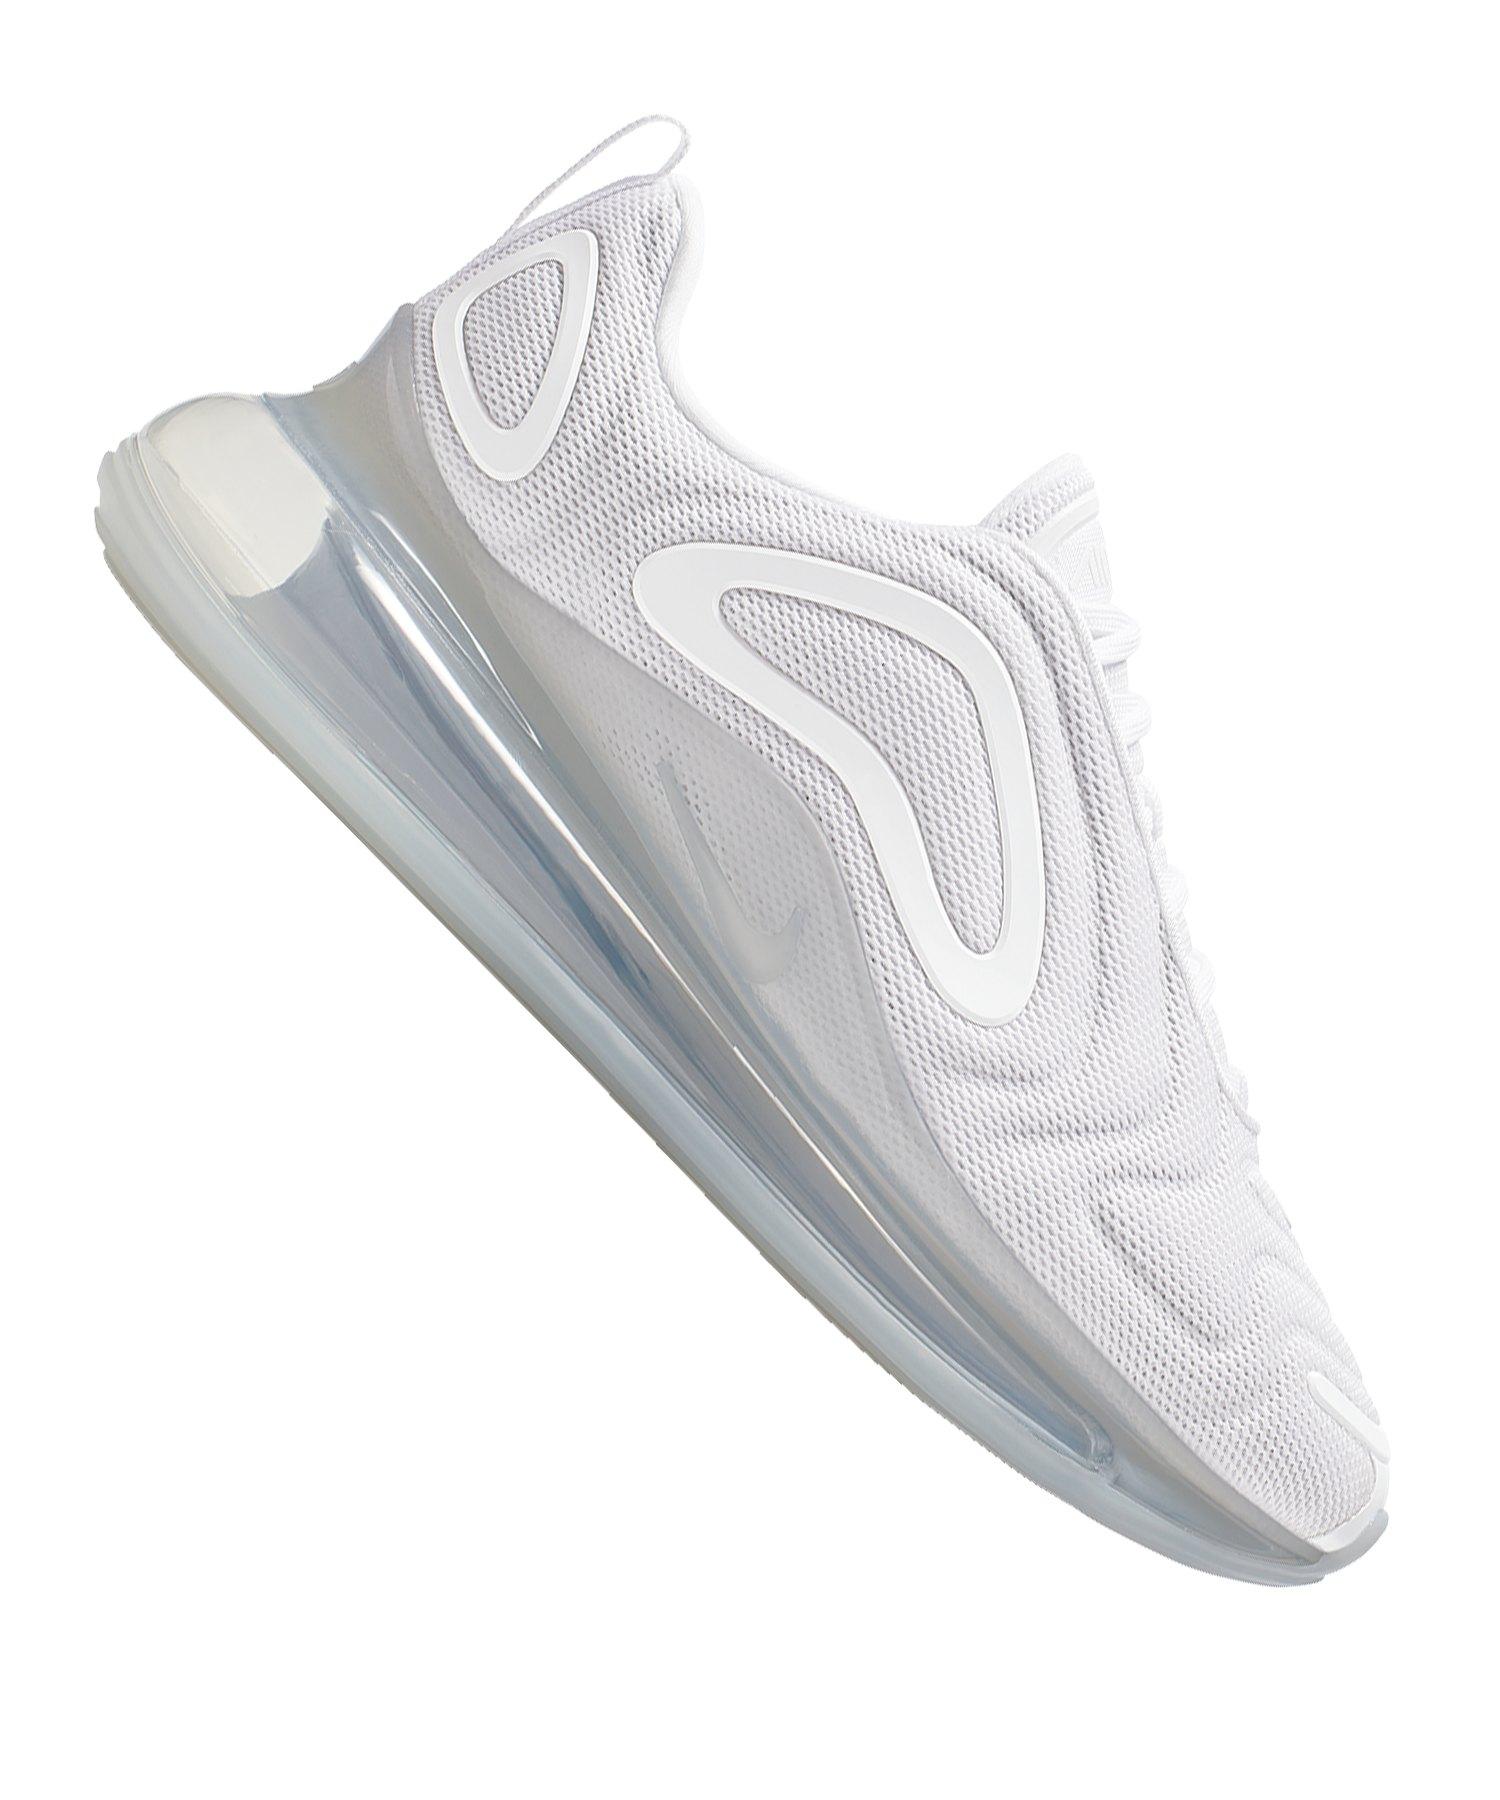 Nike Air Max Vision Schuhe rot weiß im WeAre Shop